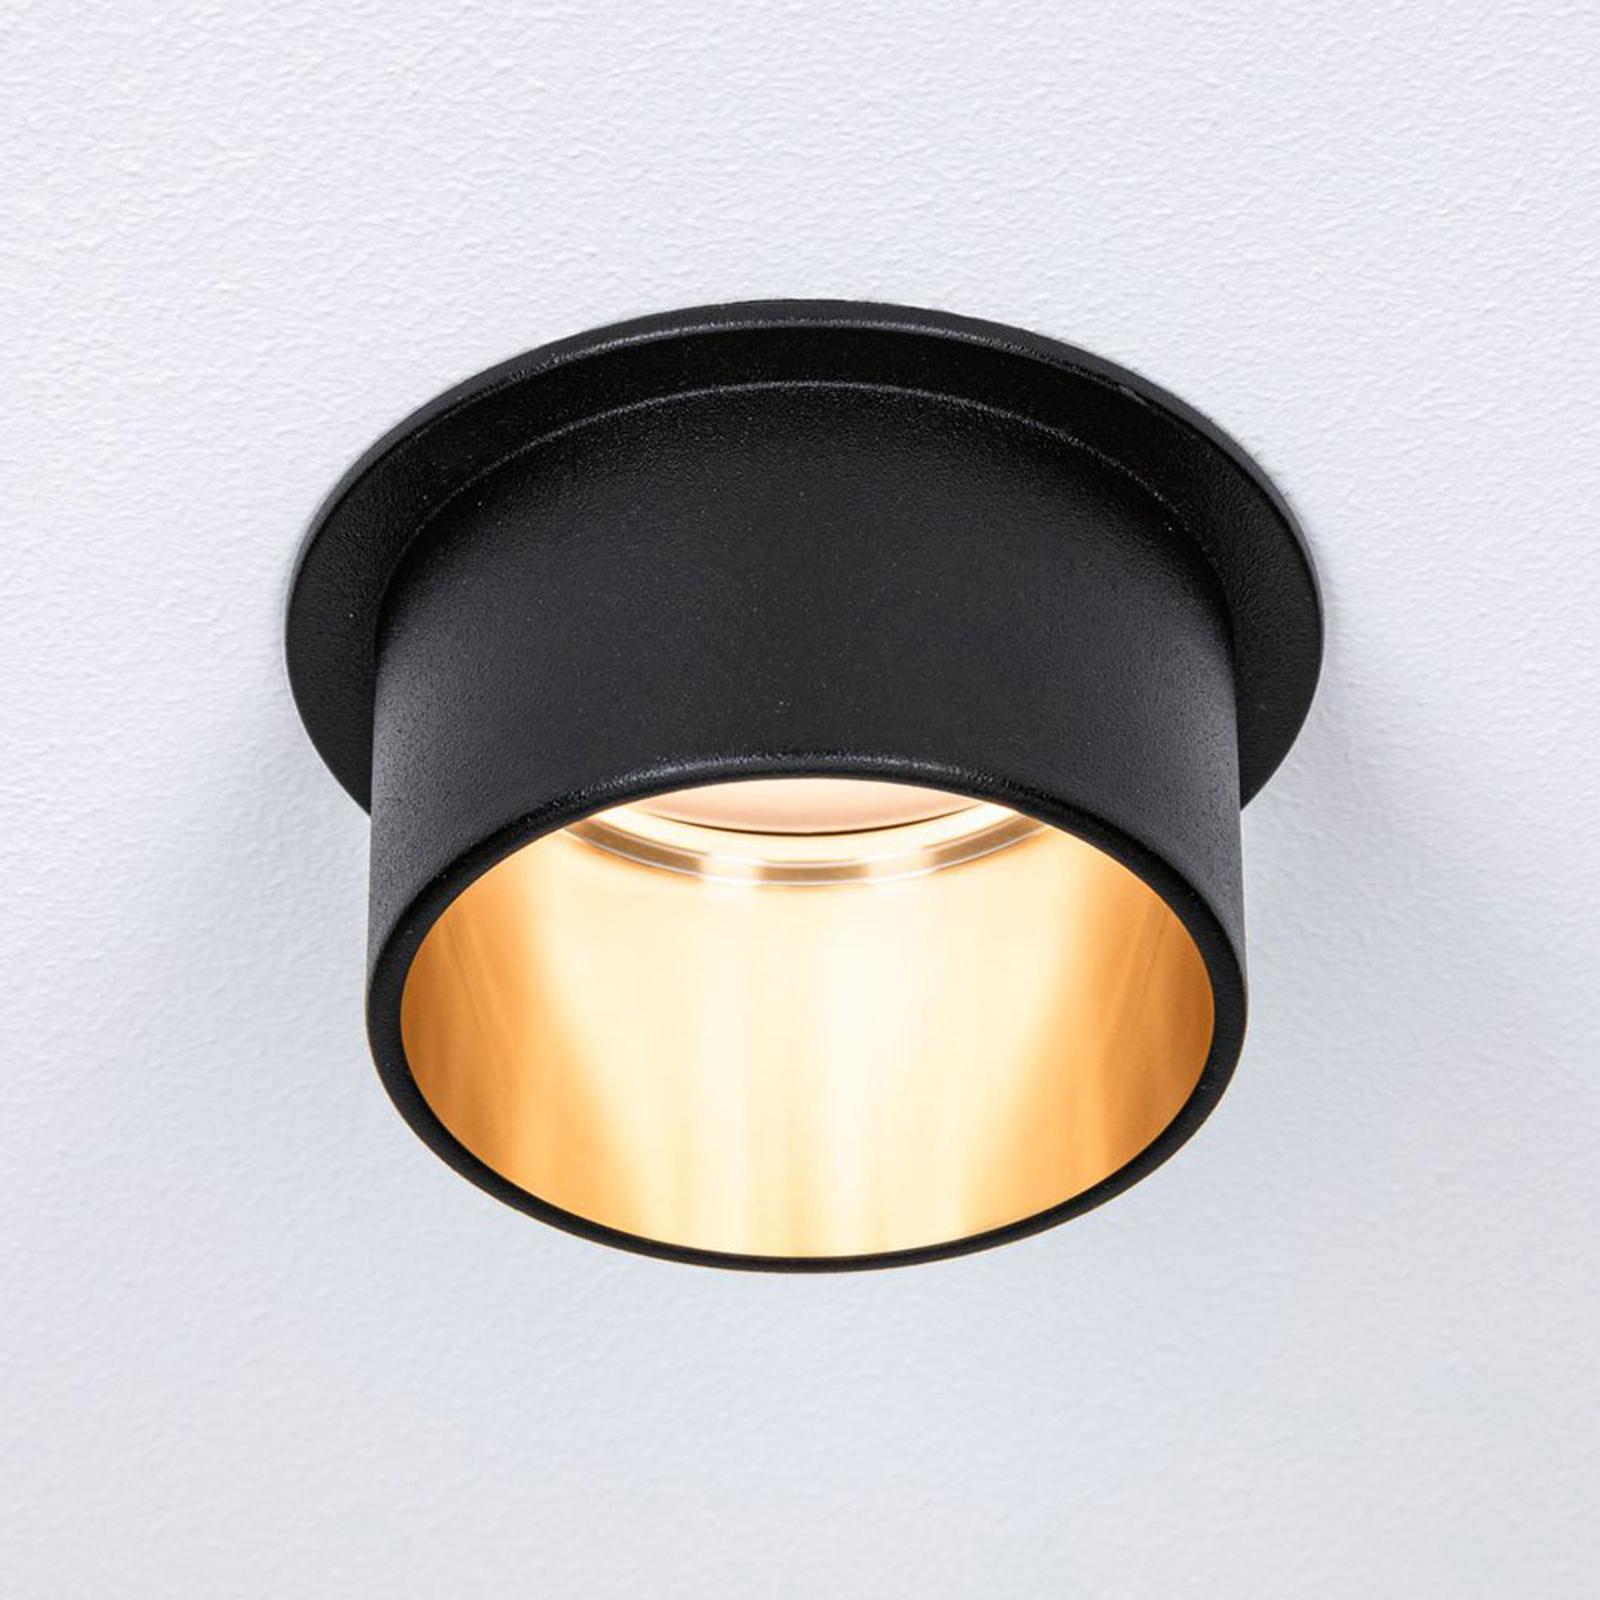 Paulmann Gil LED-innfelt svart matt/gulll